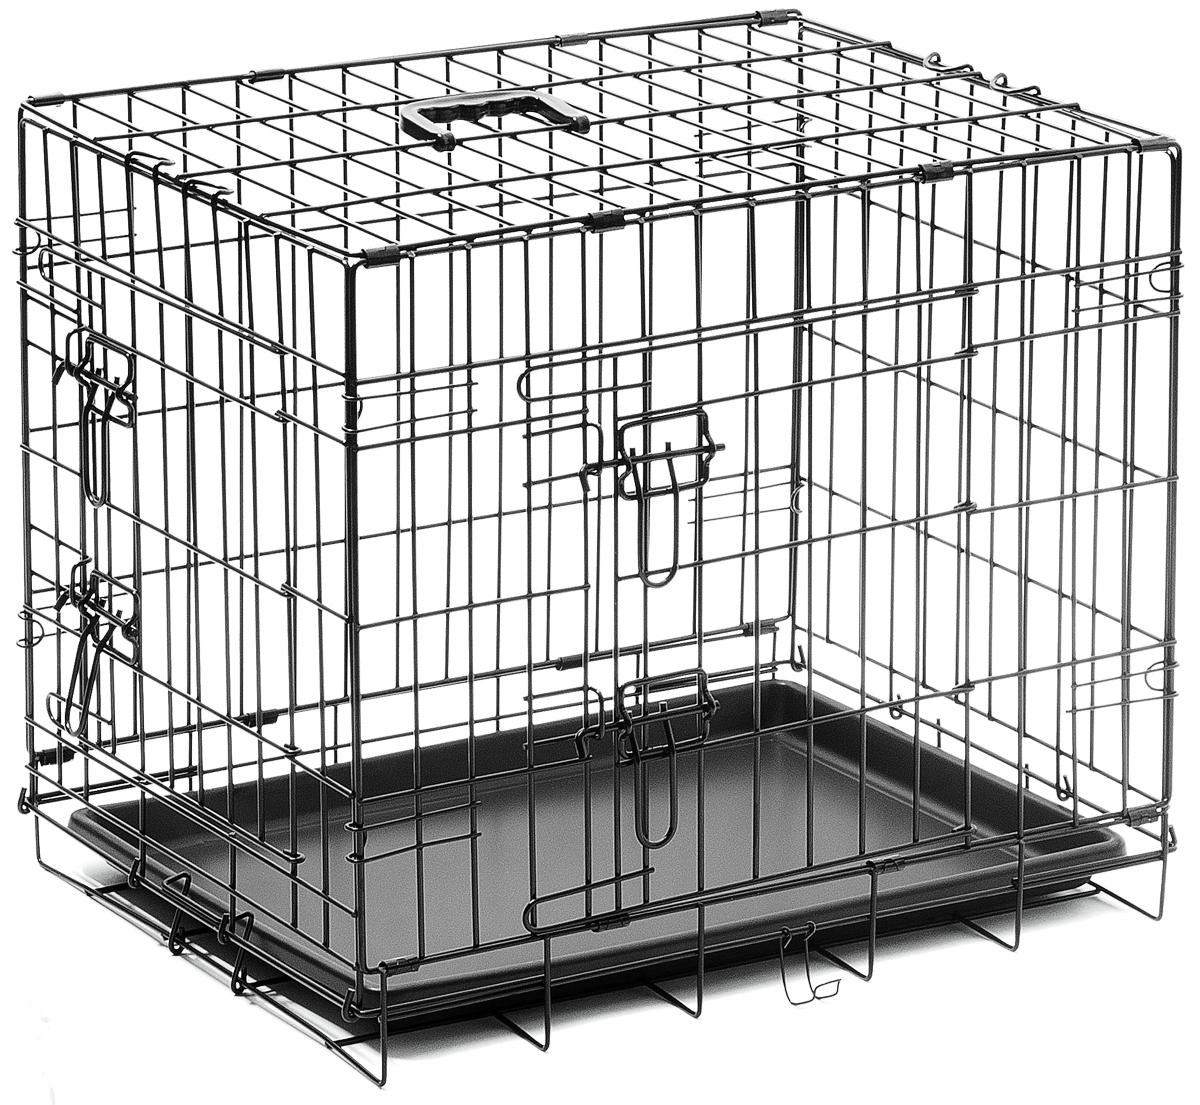 Клетка для собак V.I.Pet, с поддоном, двухдверная, 60 см х 45 см х 50 см06002Металлическая клетка для собак V.I.Pet отлично подойдет для перевозки вашего питомца в машине, а также для удобного размещения дома или на выставке. Клетка оборудована пластиковым поддоном и прорезиненными ножками, предотвращающими скольжение клетки по полу и защищающими пол от царапин. Изделие имеет две дверцы - одну спереди и одну сбоку. Фиксируются дверцы при помощи надежных замков. Клетка легко и просто собирается без инструментов. Для удобства переноски изделие оснащено удобной пластиковой ручкой.